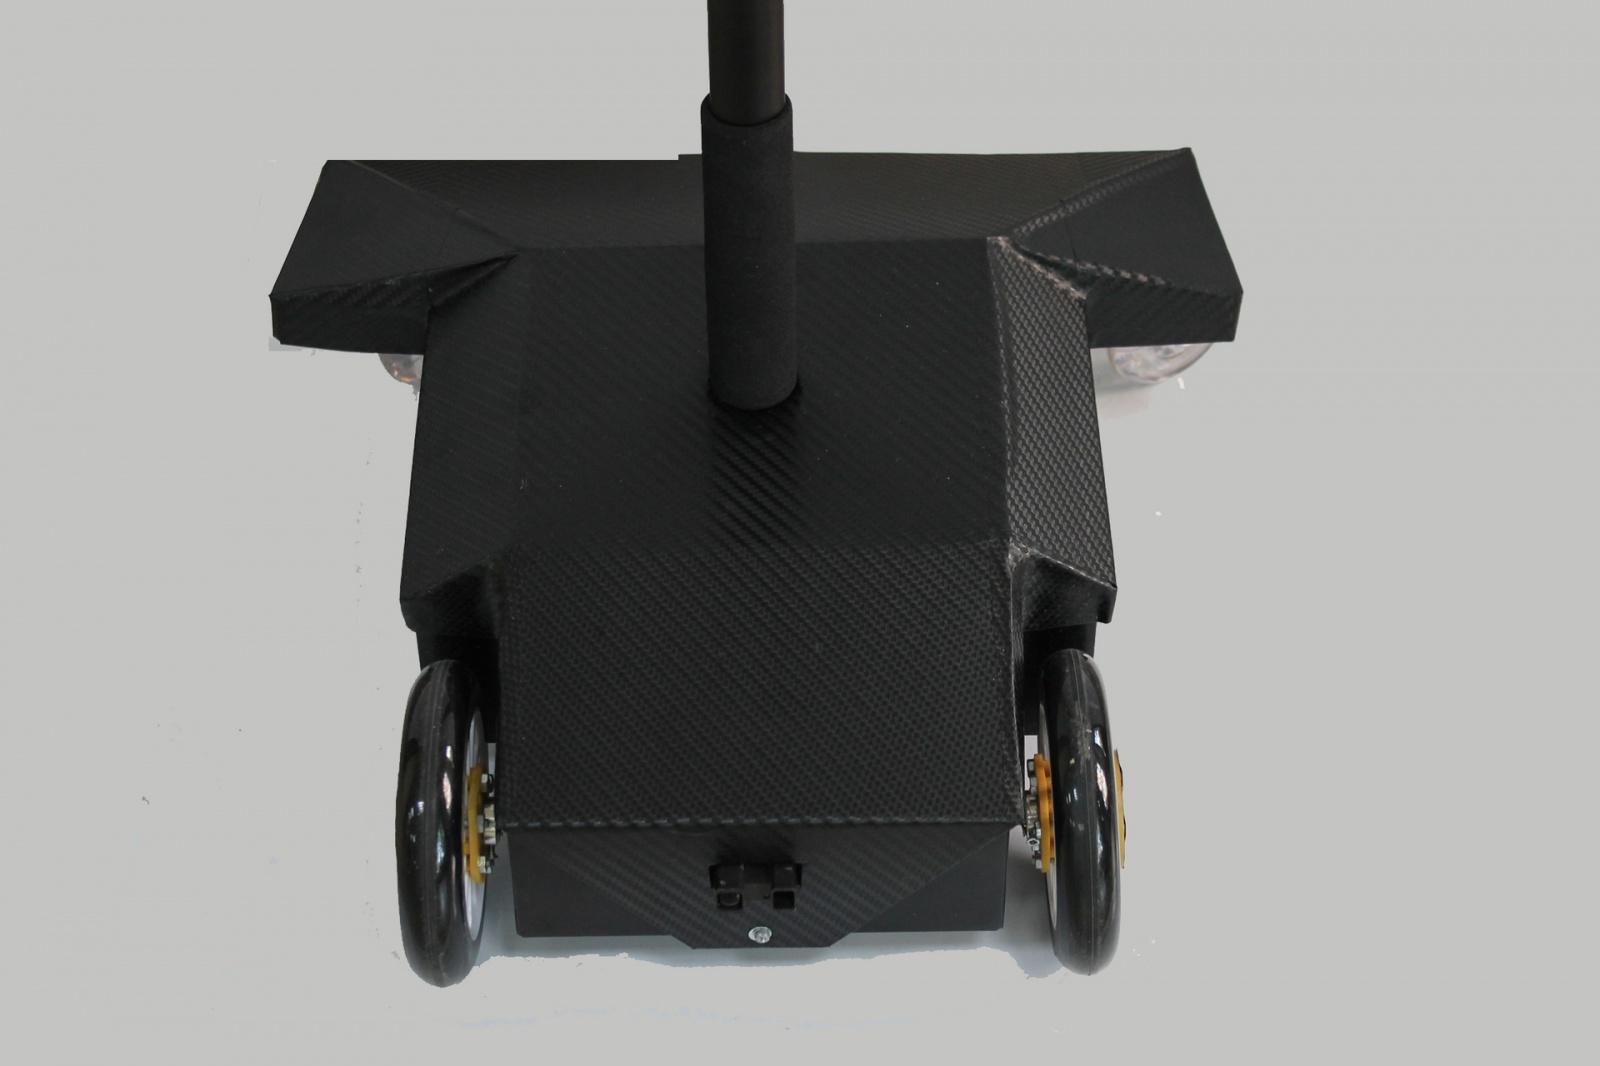 «Продолжение. Часть 1.2. Как я собирал робота телеприсутствия на колесной базе.» Технологии Endurance Robots&Lasers - 6